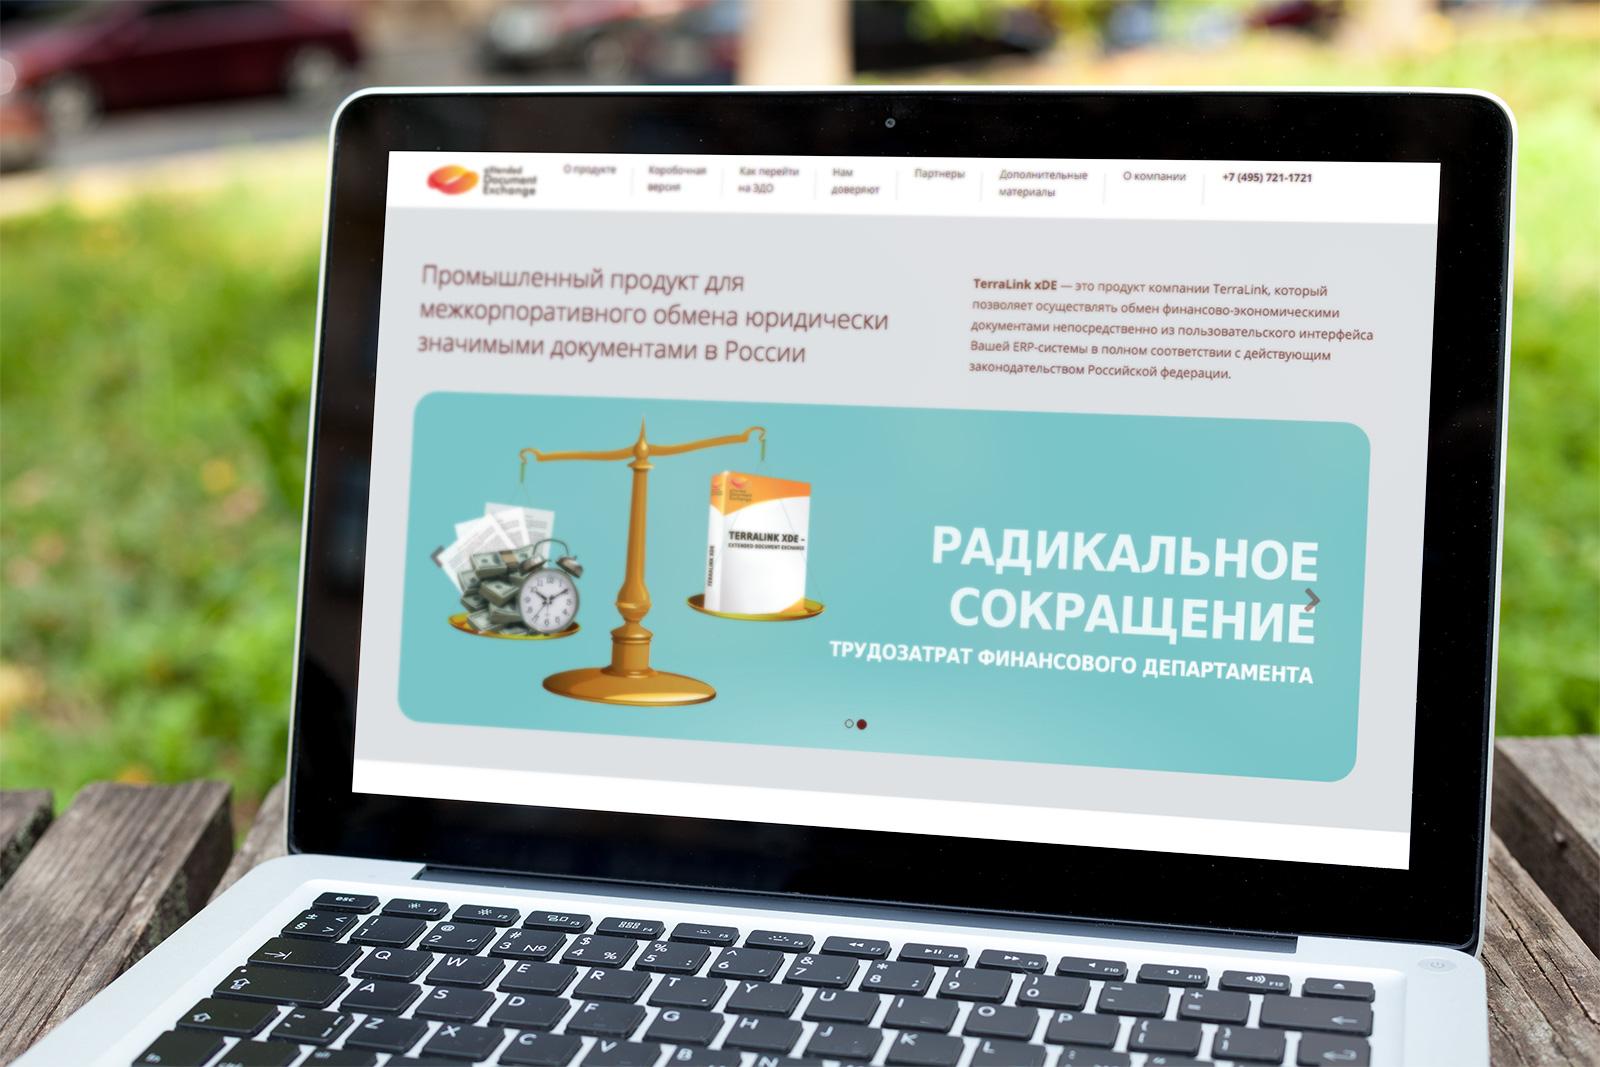 Создание одностраничных промо-сайтов для корпоративного рынка